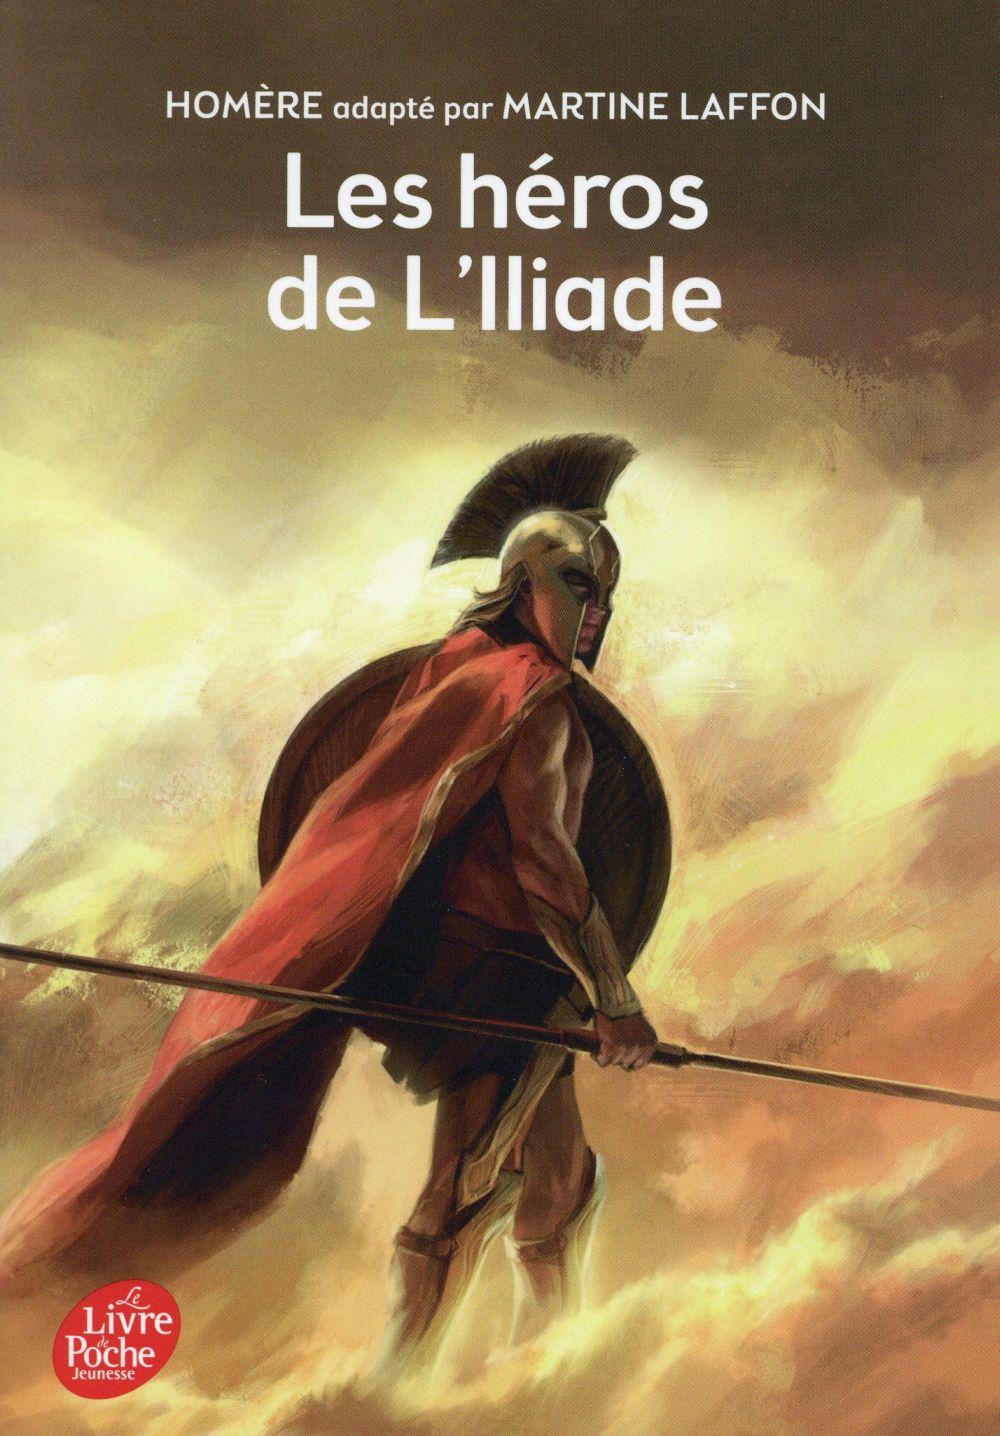 LES HEROS DE L'ILLIADE Homère Le Livre de poche jeunesse